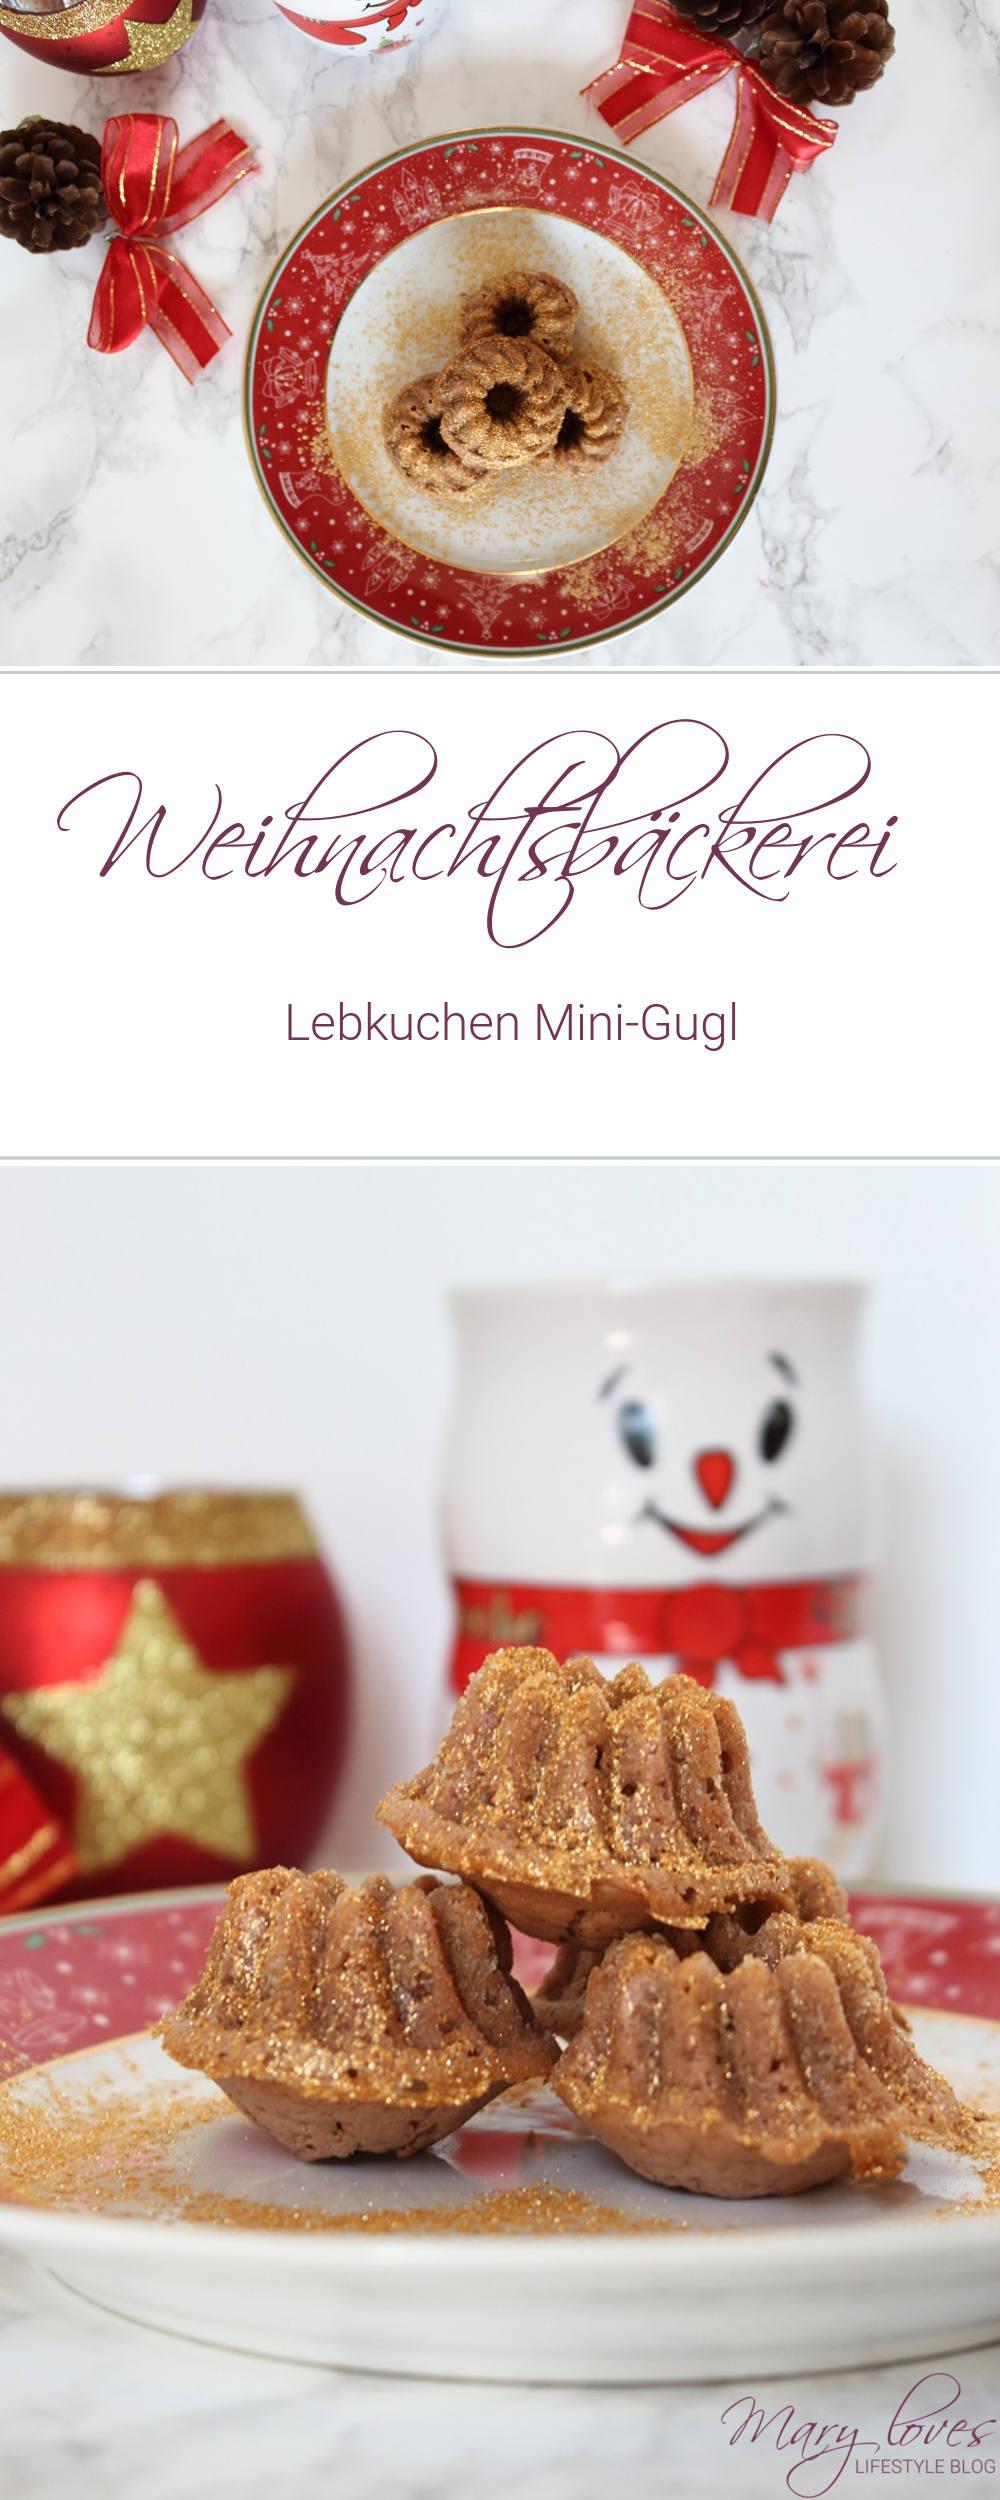 Weihnachtsbäckerei - Lebkuchen Mini-Gugl - Rezept